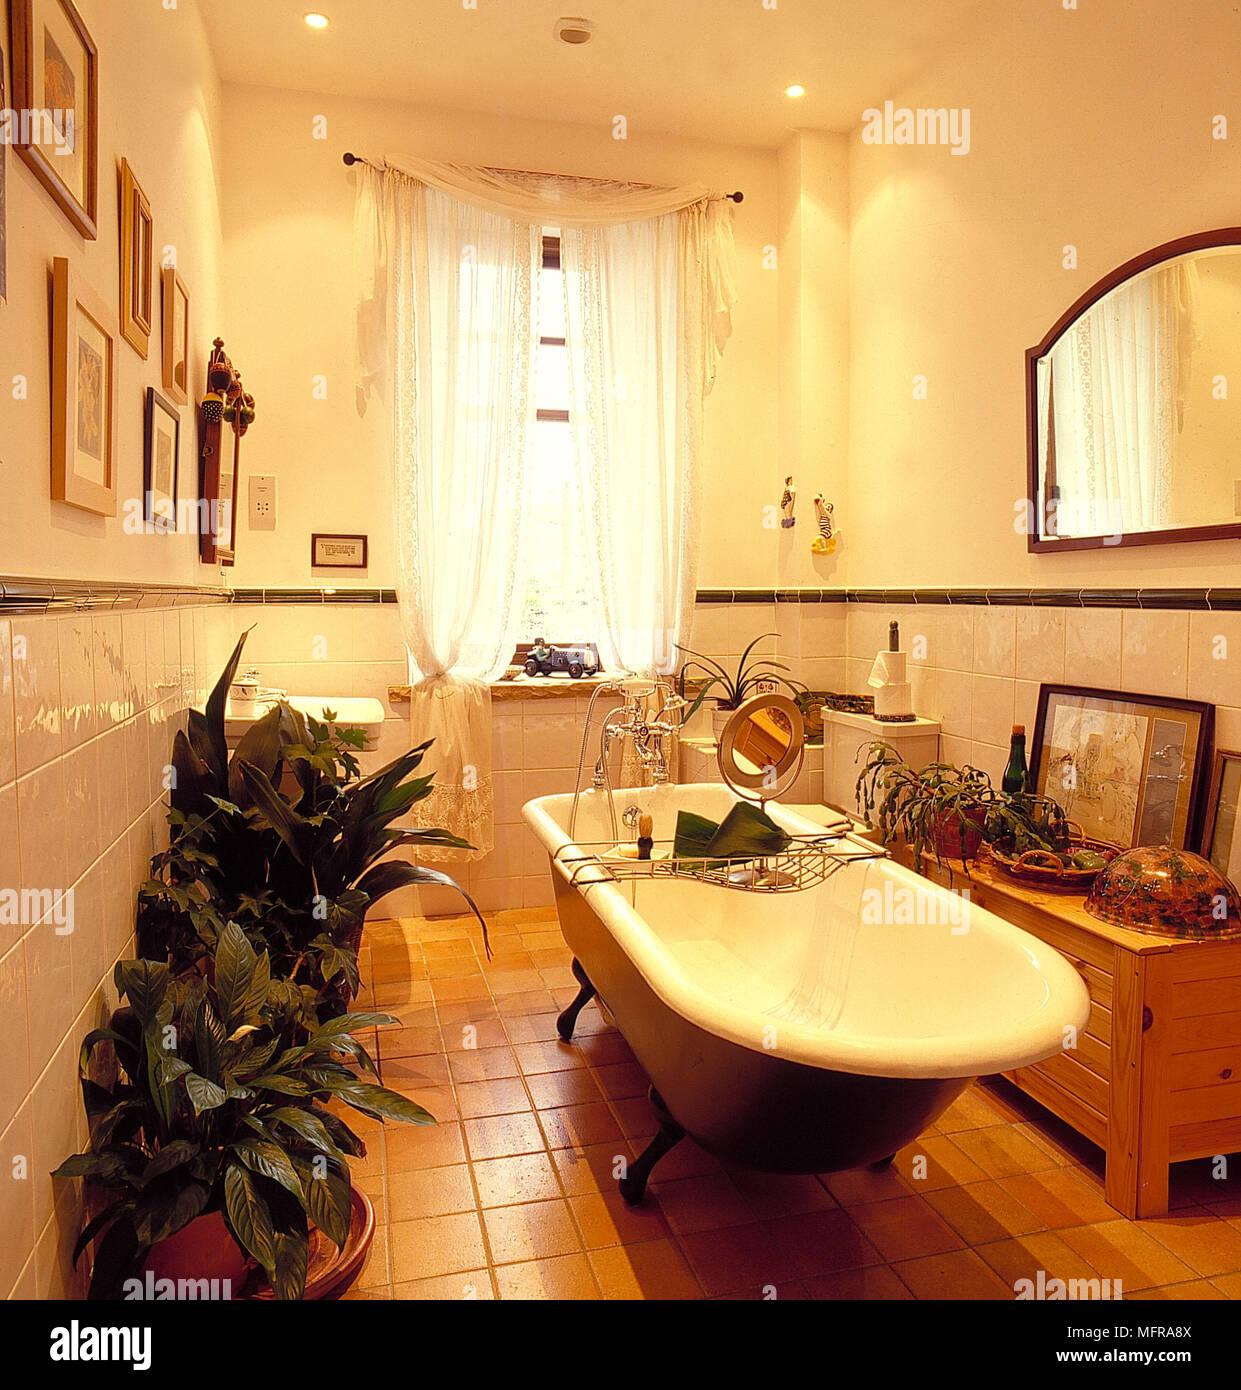 Traditionelle Badezimmer teil Fliesen- cremefarbene Wände weiß ...